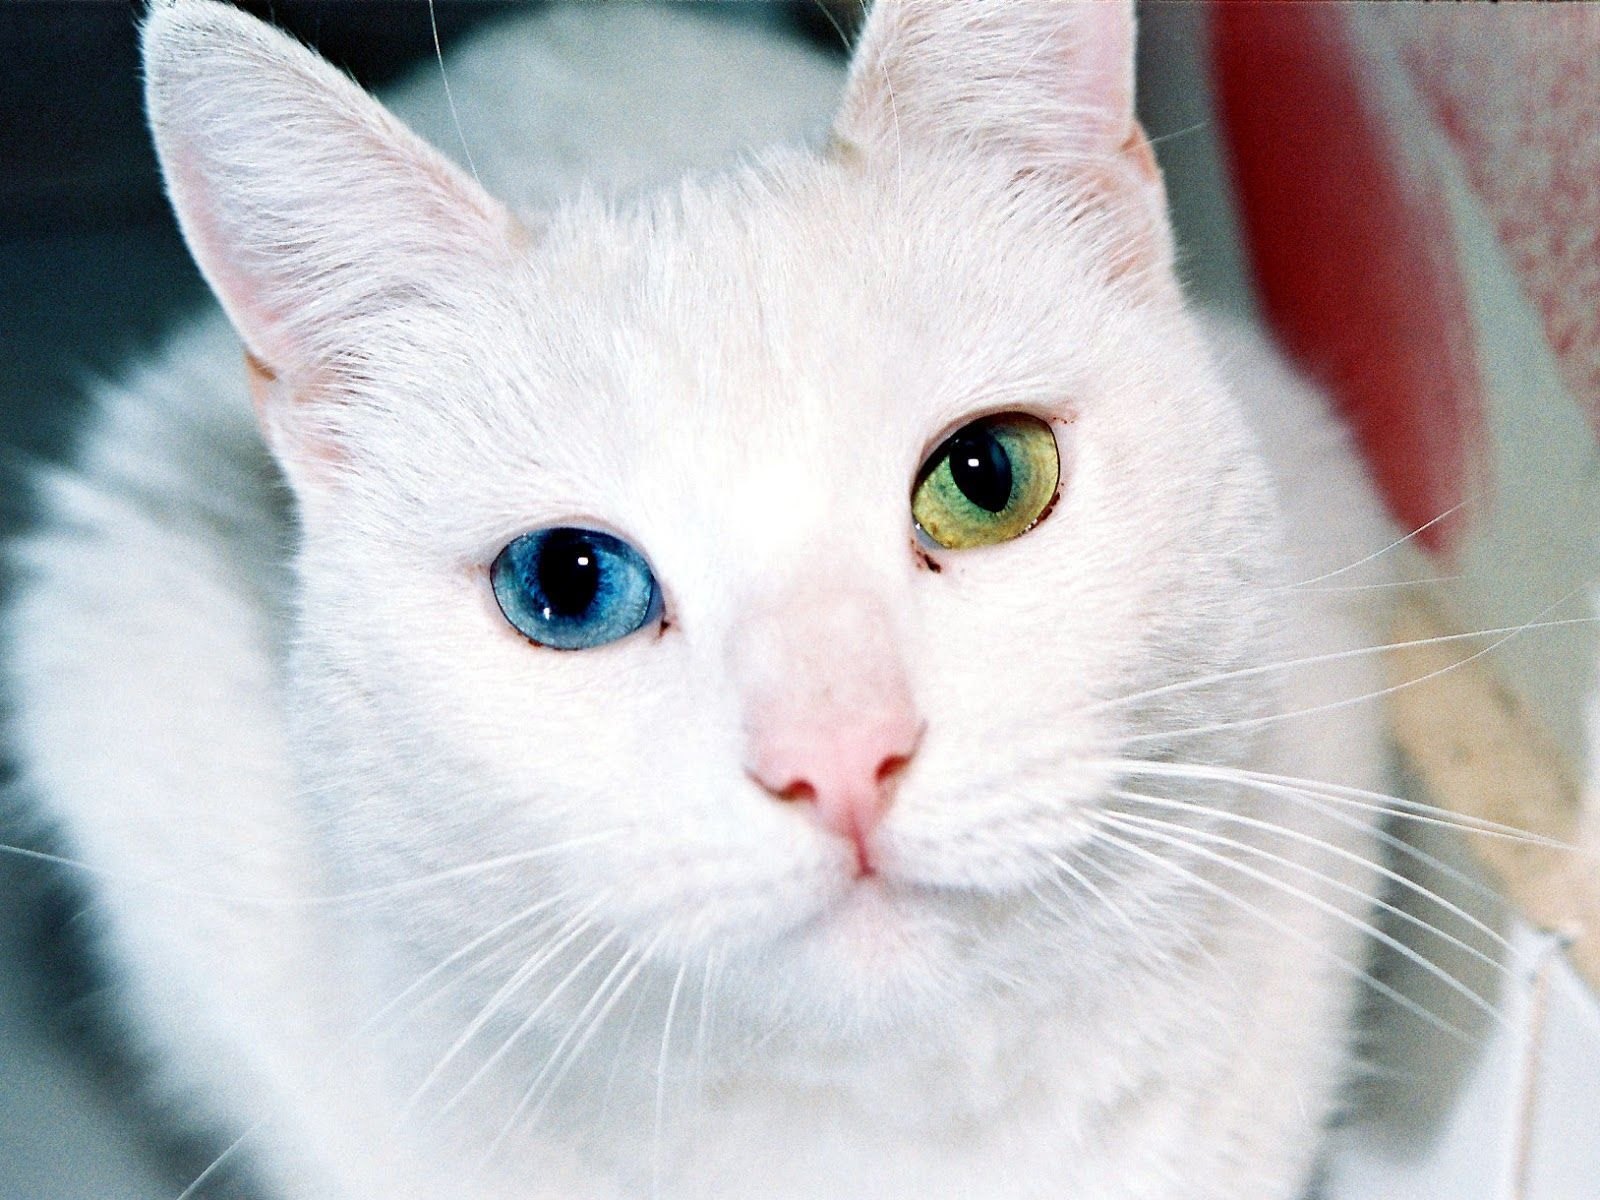 Приметы про кошек, поверья, суеверия: все известные сегодня || Если кошка нагадила на кровать что за примета